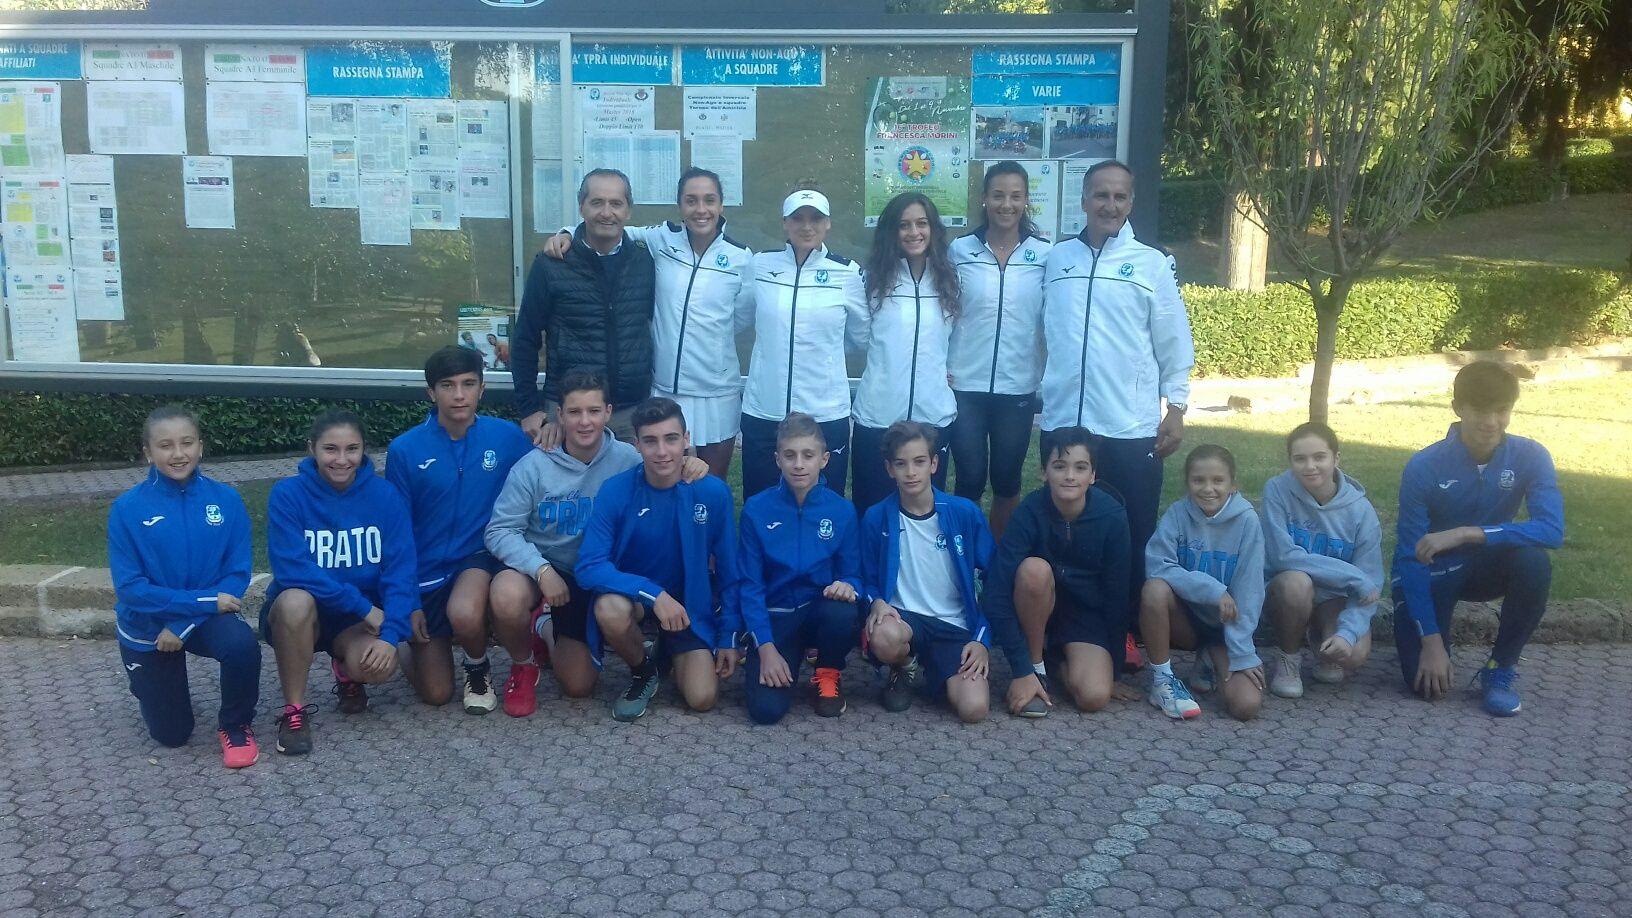 La squadra del Tc Prato